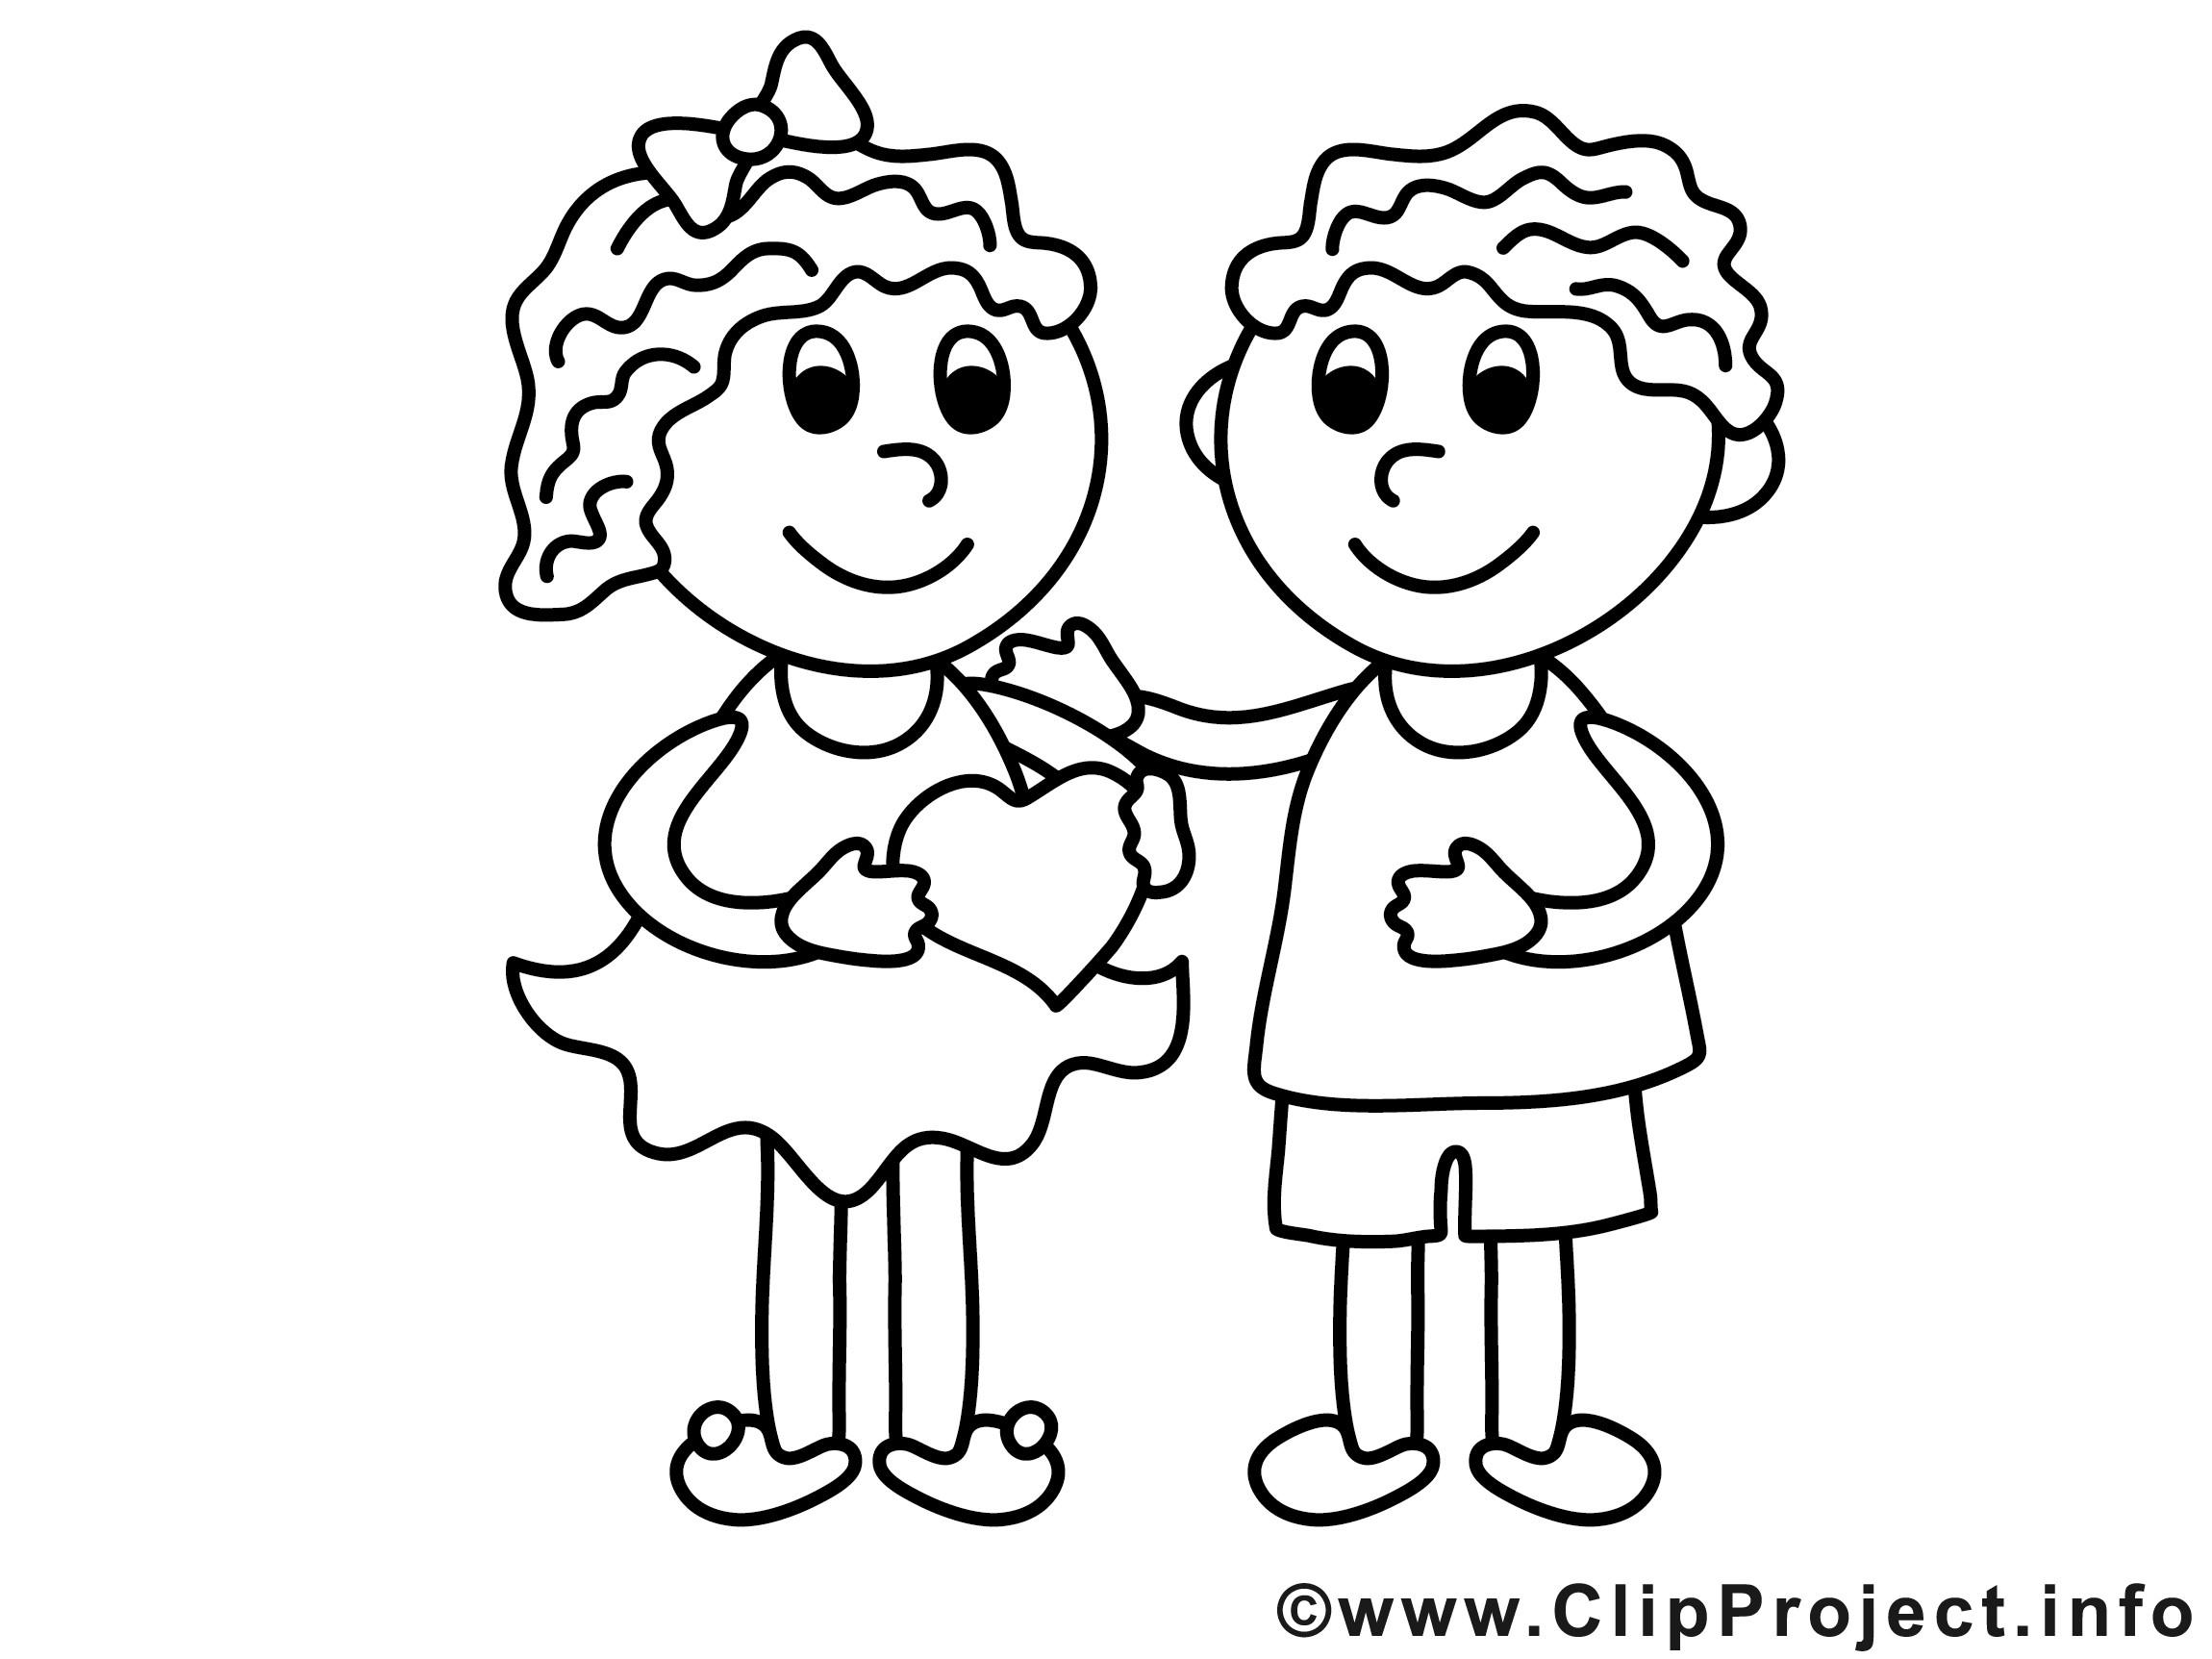 Ausmalbilder Junge  Mädchen und Junge Valentinstag Ausmalbilder für Kinder